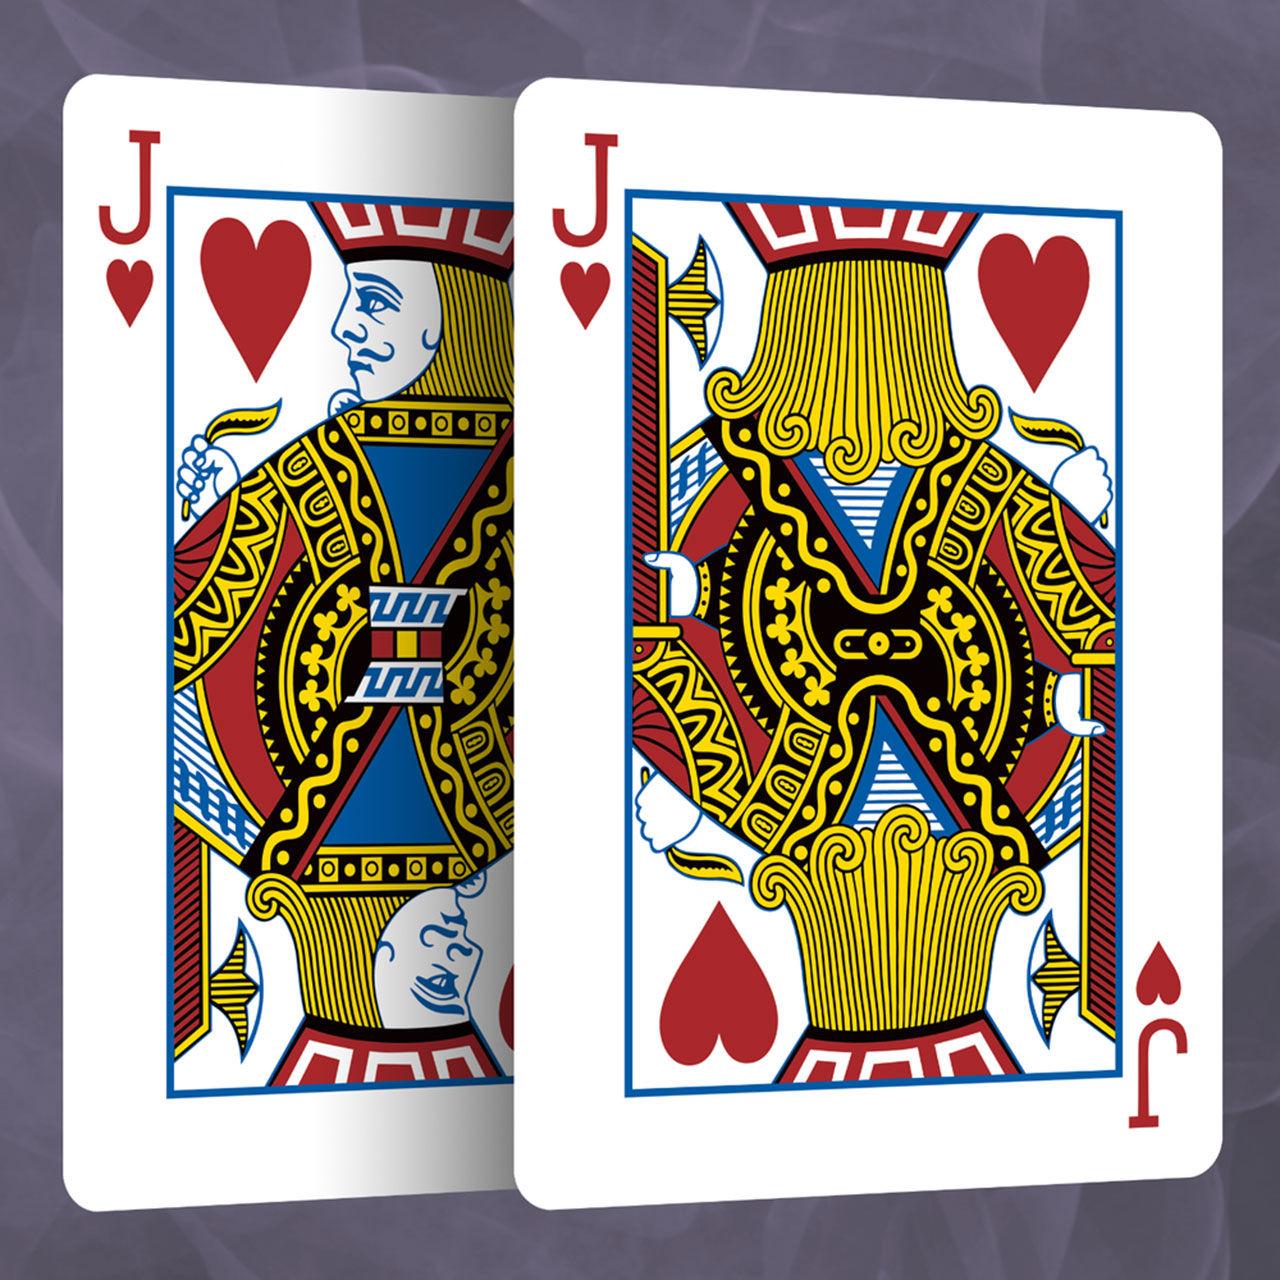 Kortspel som visar baksidan